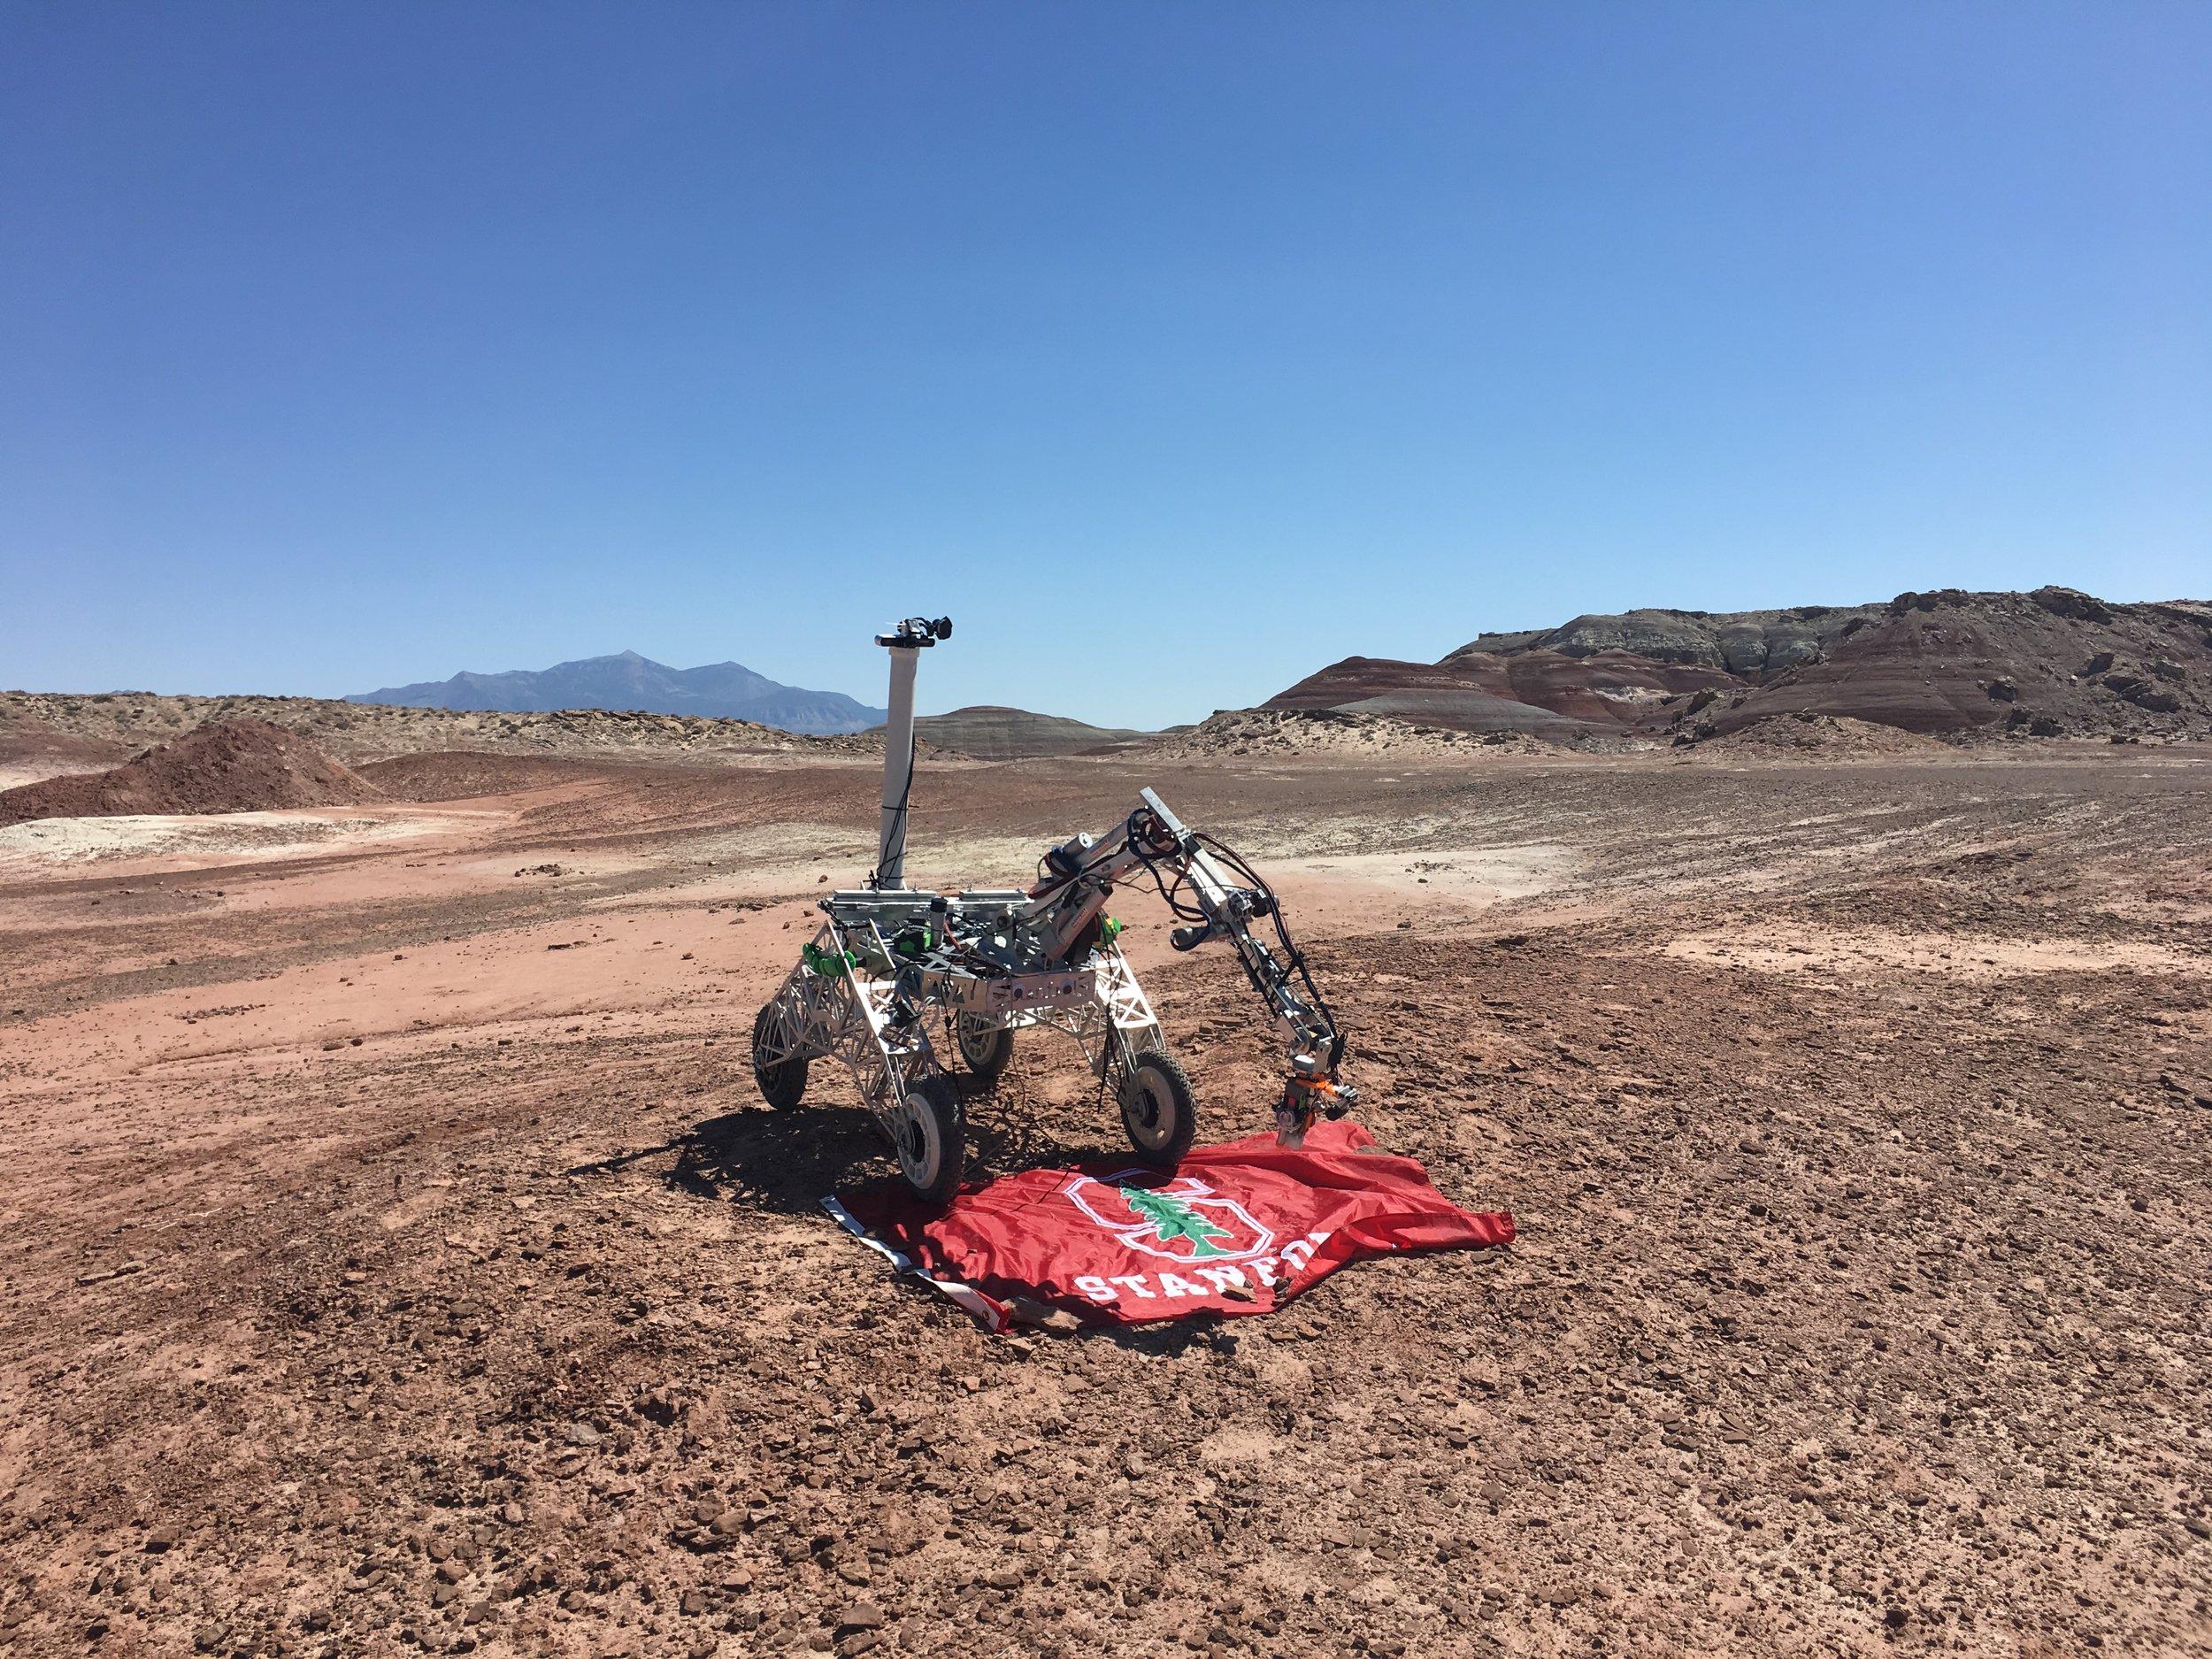 Clover the Rover, our 2017-18 rover